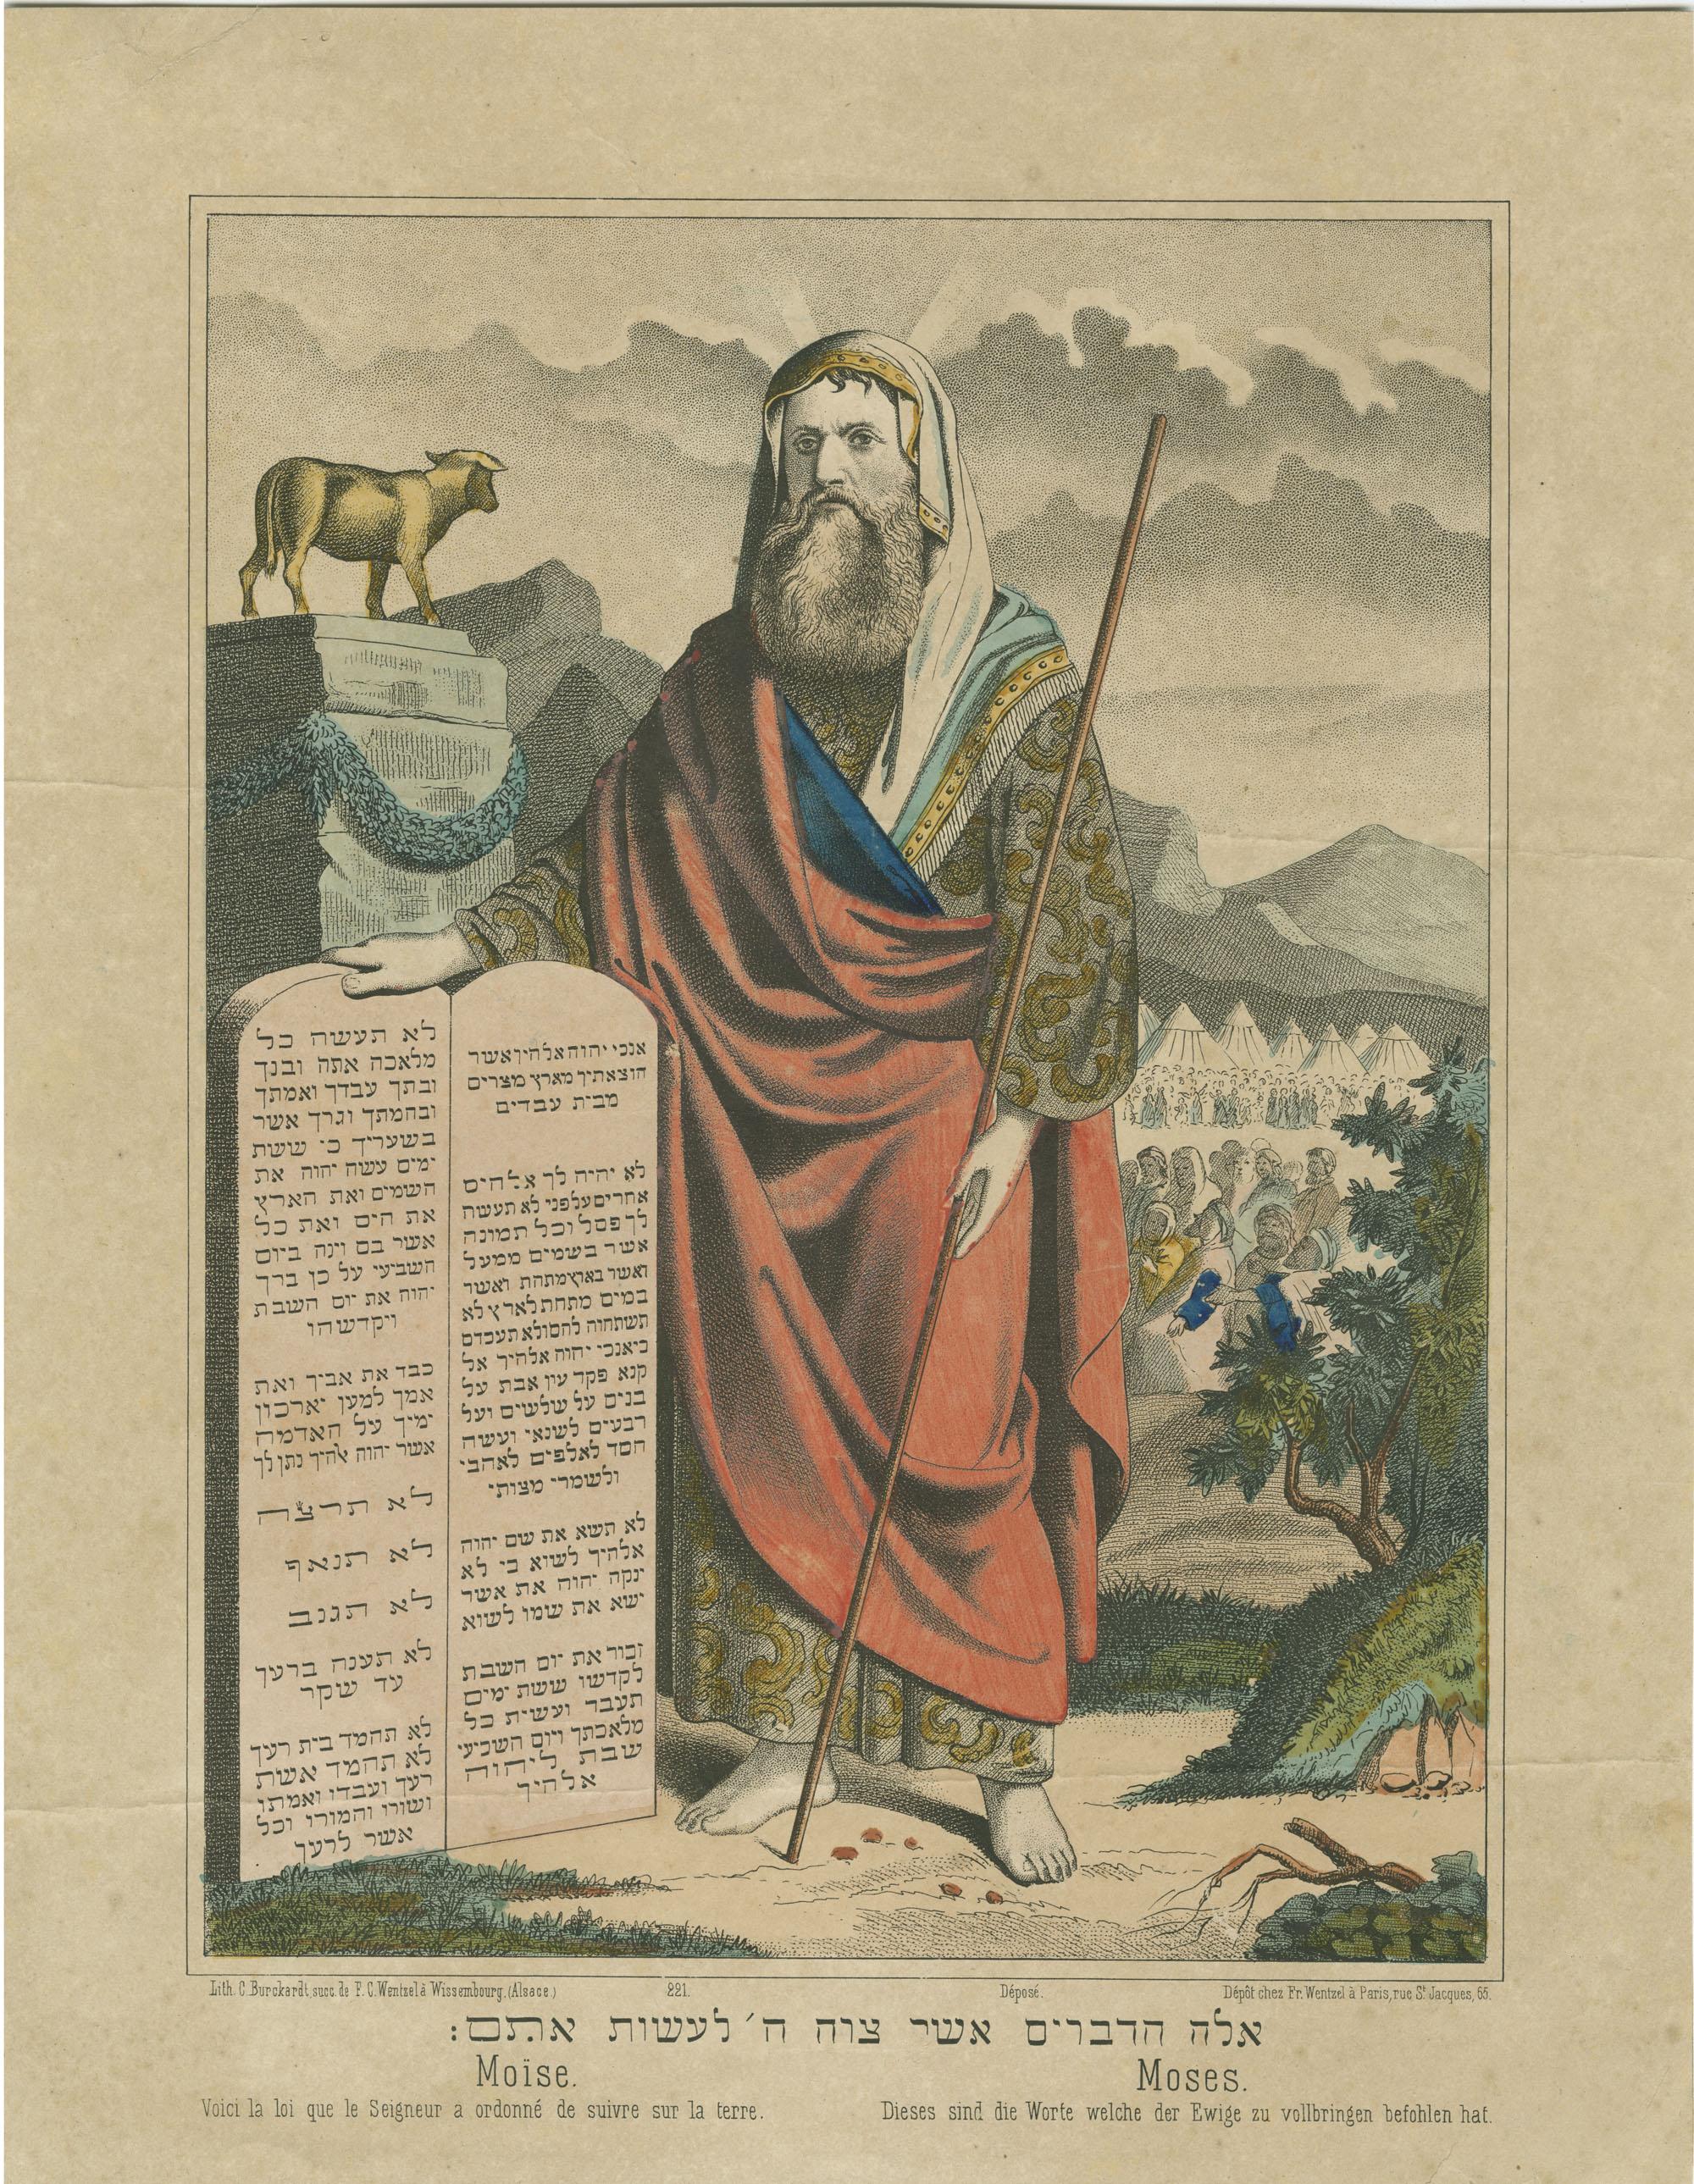 Moïse. Voici la loi que le Seigneur a ordonné de suivre sur la terre. / Moses. Dieses sind die Worte welche der Ewige zu vollbringen befohlen hat. / אלה הדברים אשר צוה ה' לעשות אתם